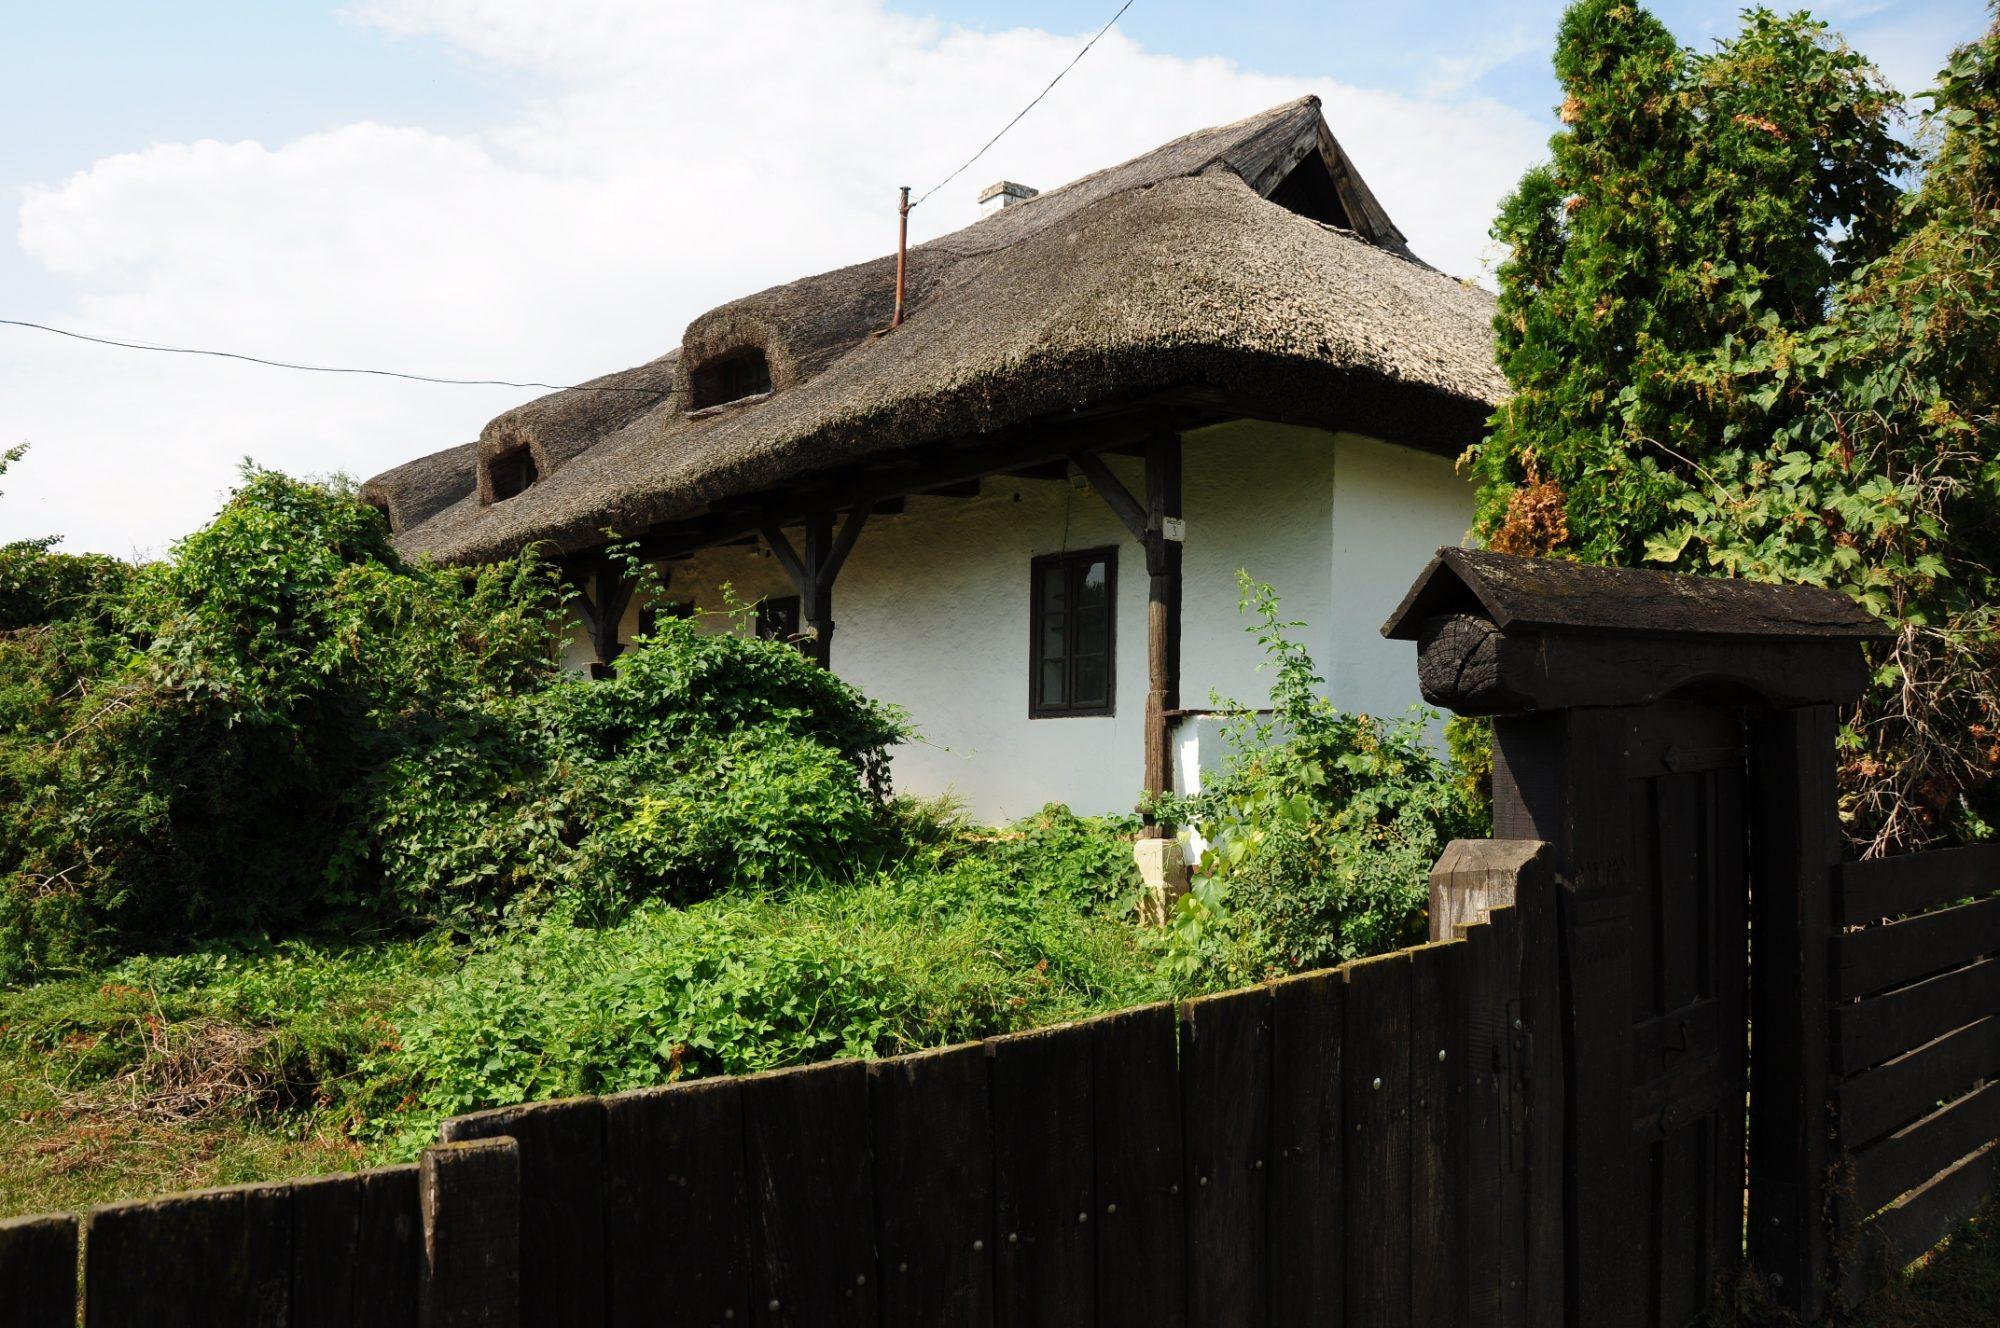 Hagyományos falusi ház Tiszadobon